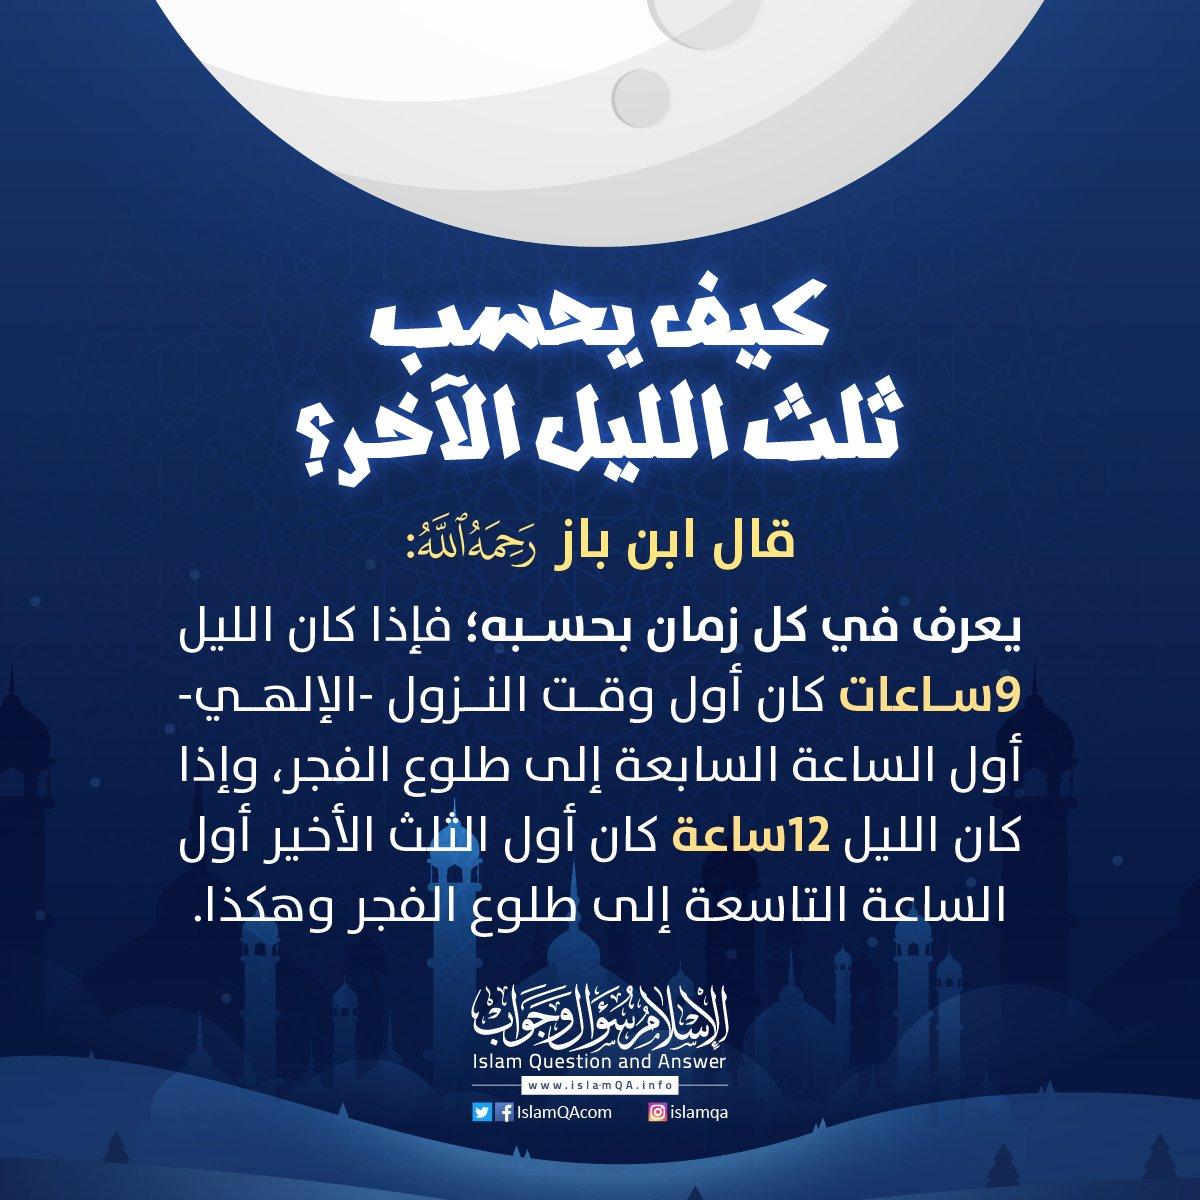 الإسلام سؤال وجواب Pe Twitter كيف يحسب ثلث الليل الآخر الجواب Https T Co Pj1413q7ob الإسلام سؤال وجواب حسابات فقهية رمضان قيام الليل